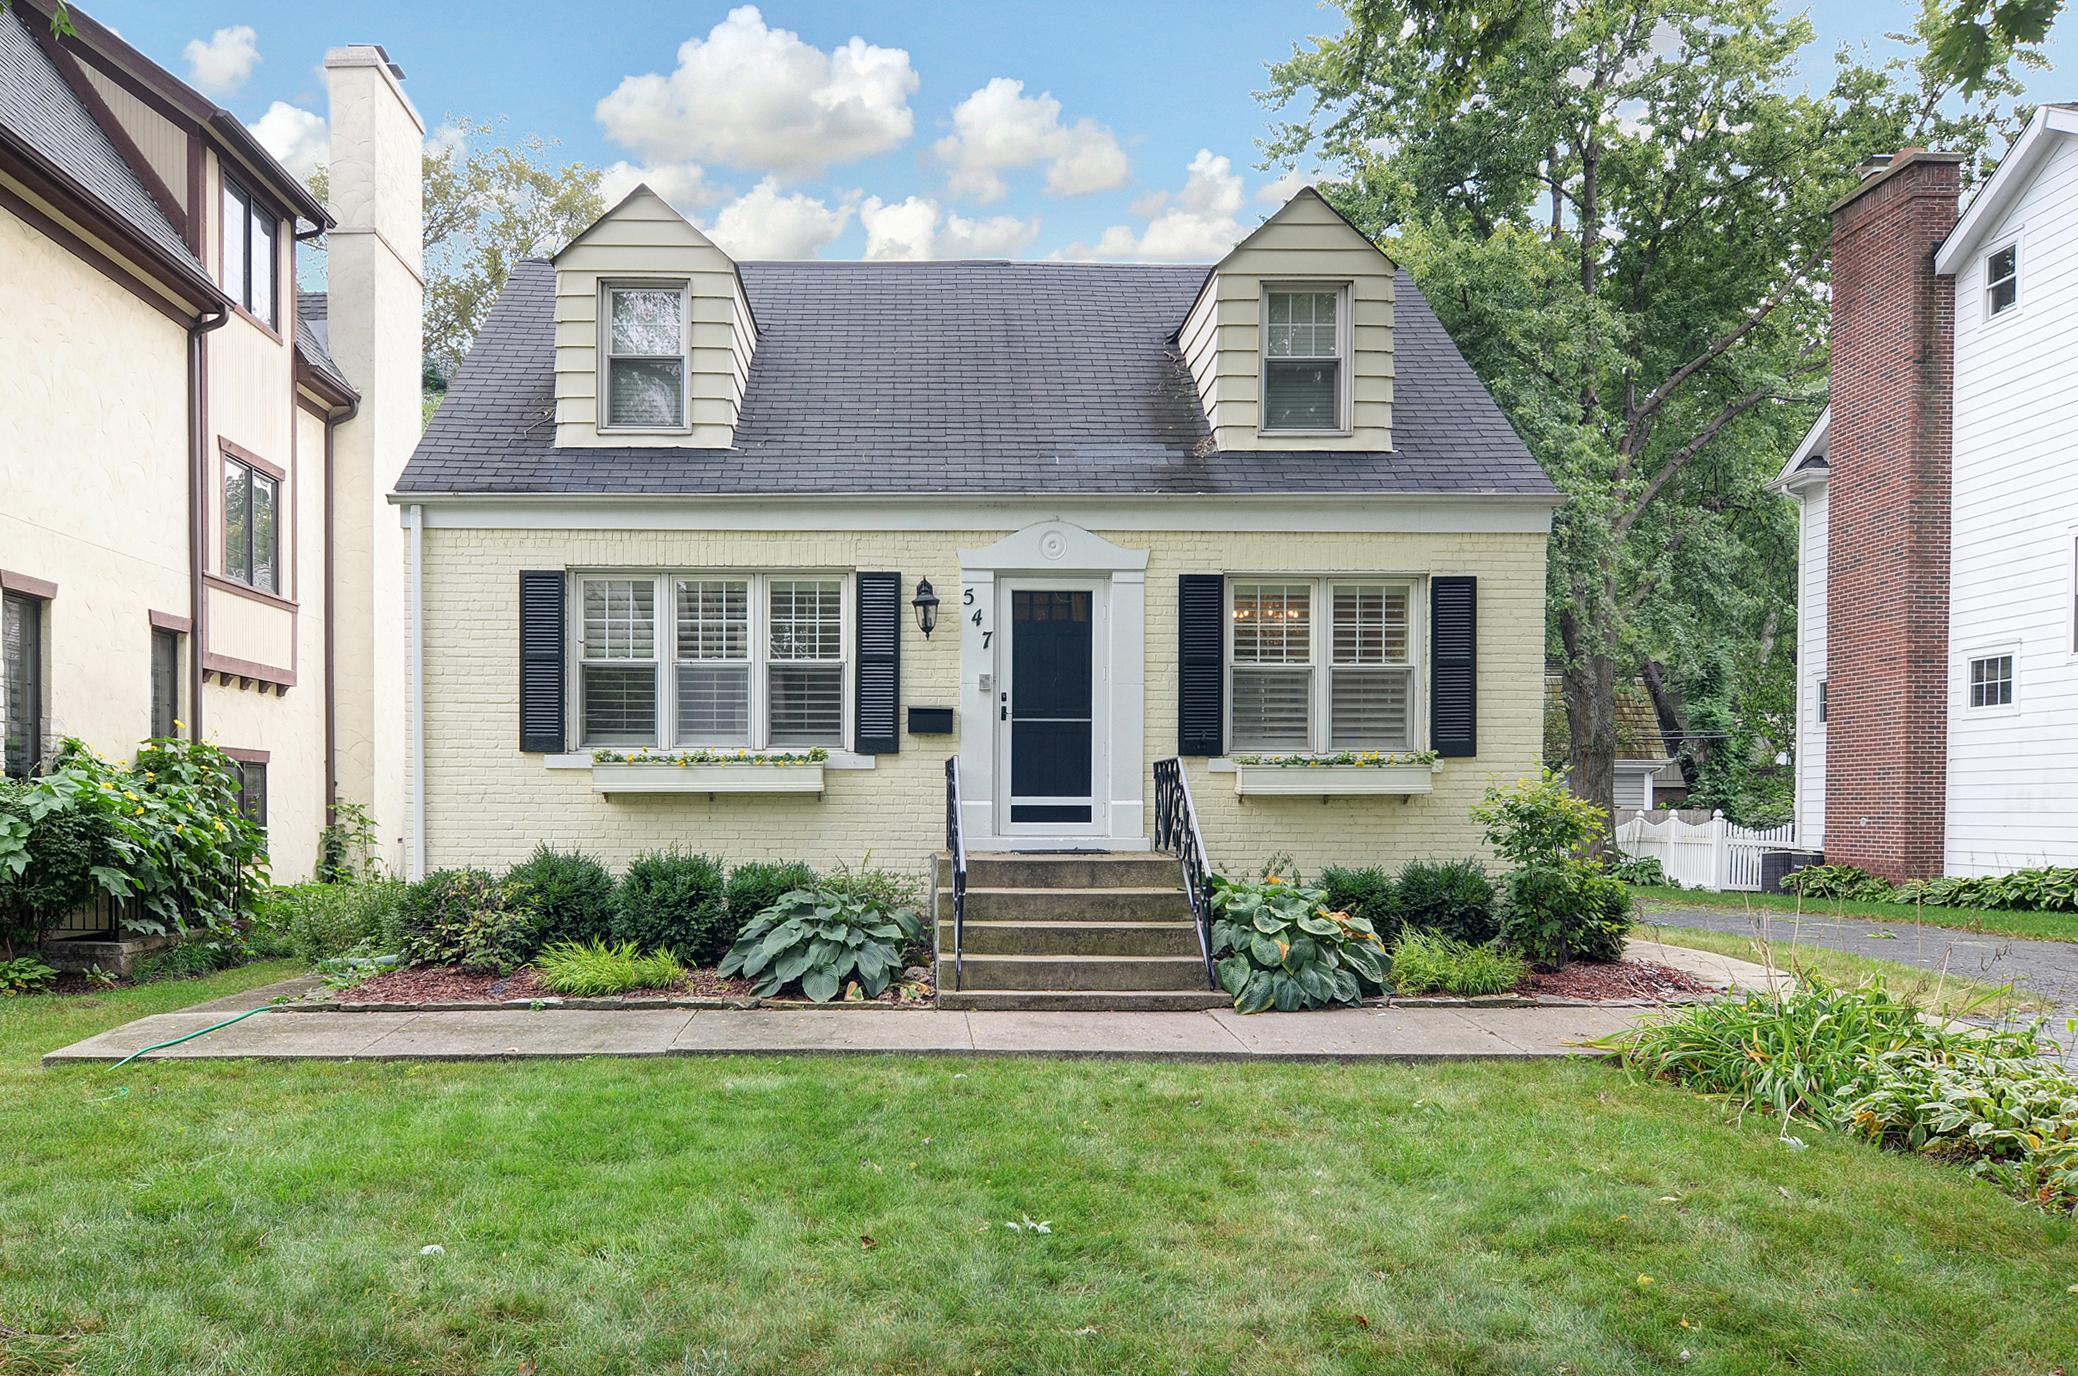 Villa per Vendita alle ore 547 N. County Line Rd. Hinsdale, Illinois, 60521 Stati Uniti